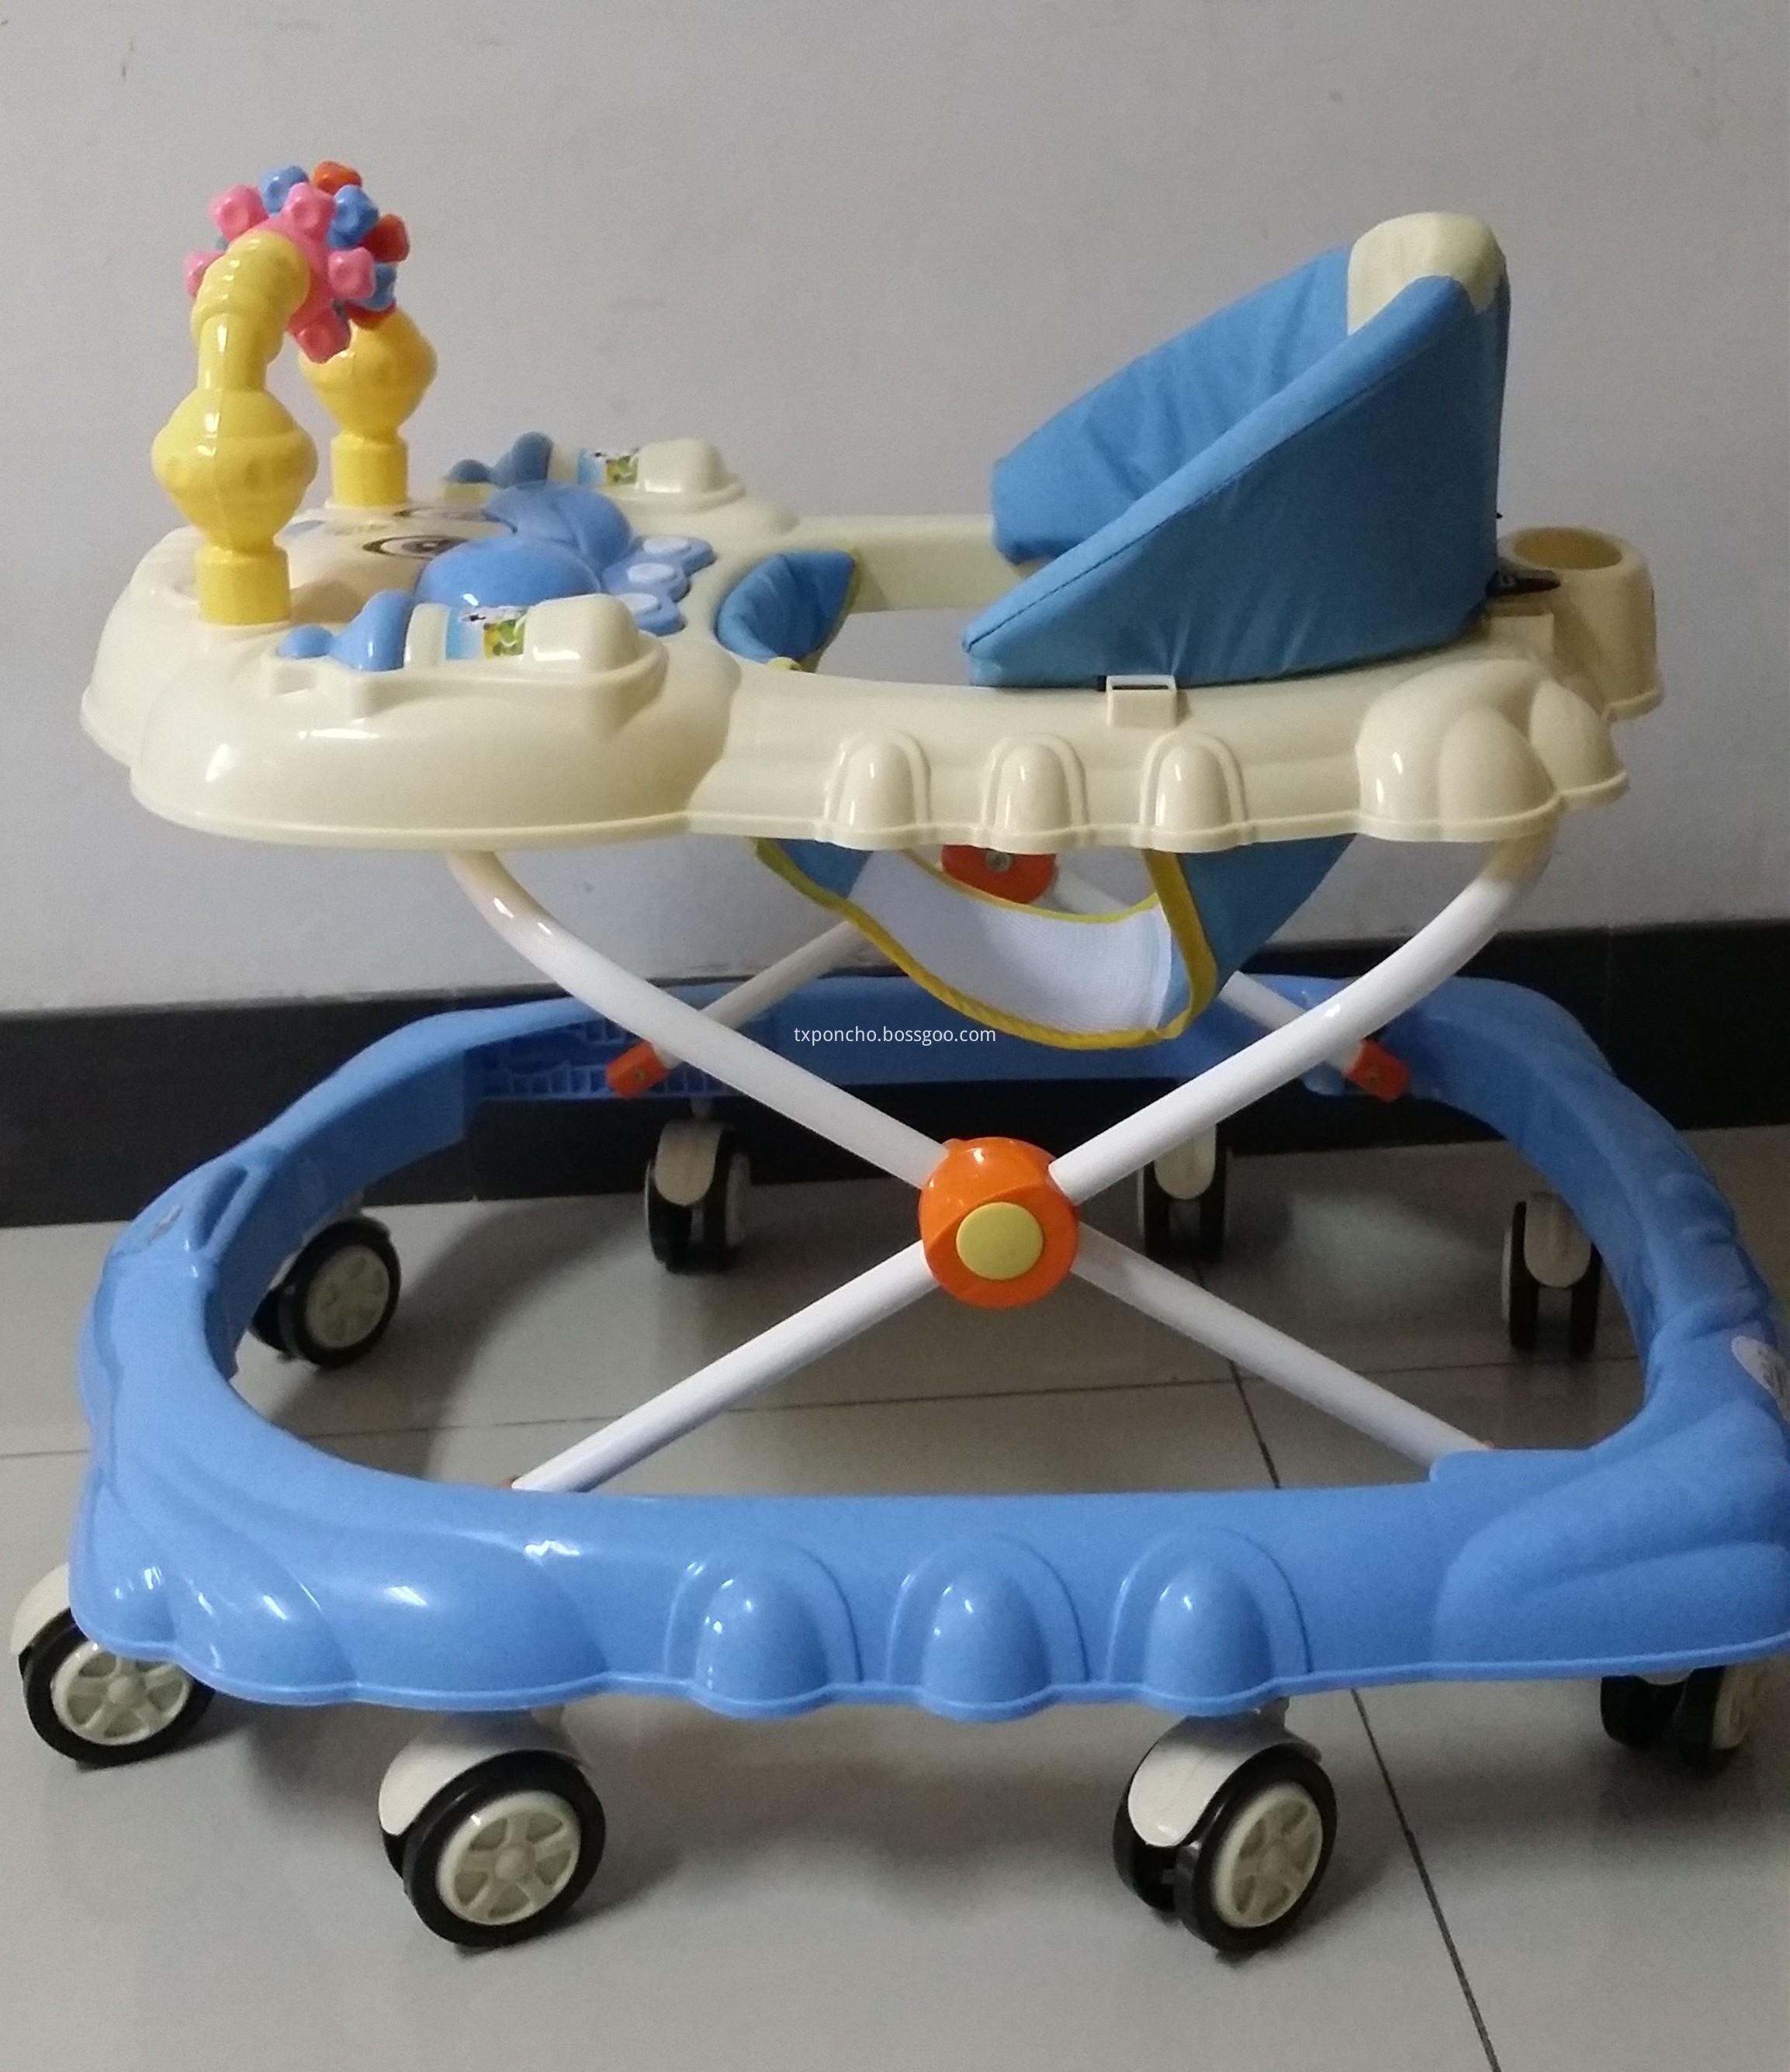 Safety Protable infant walker